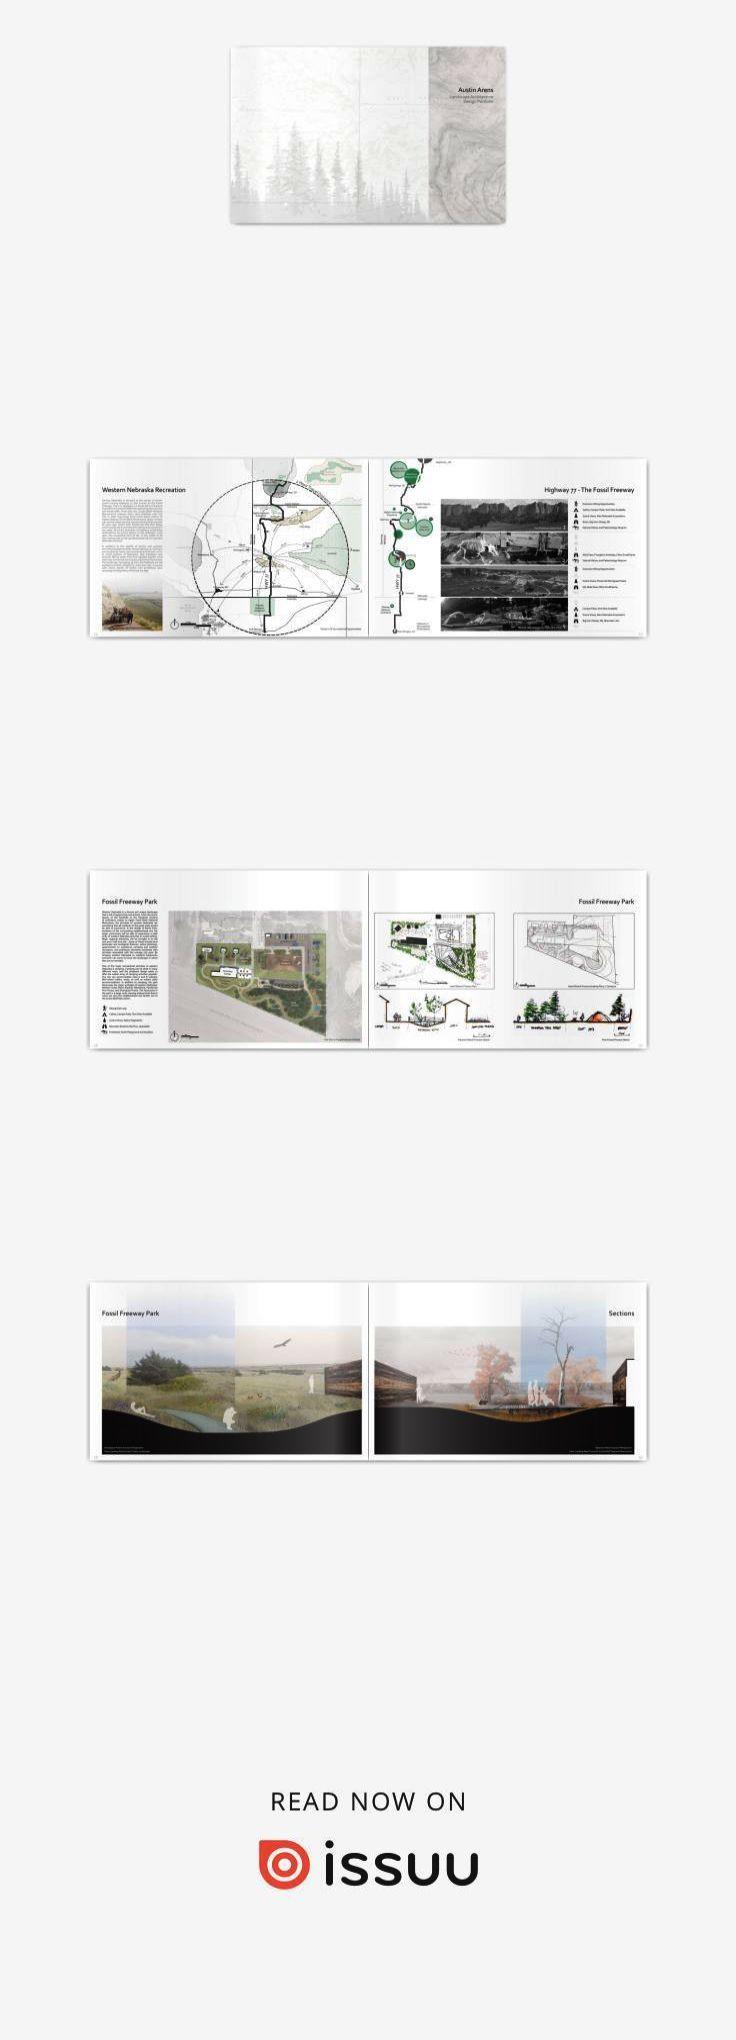 Landscape Gardening Jobs London concerning Landscape ...